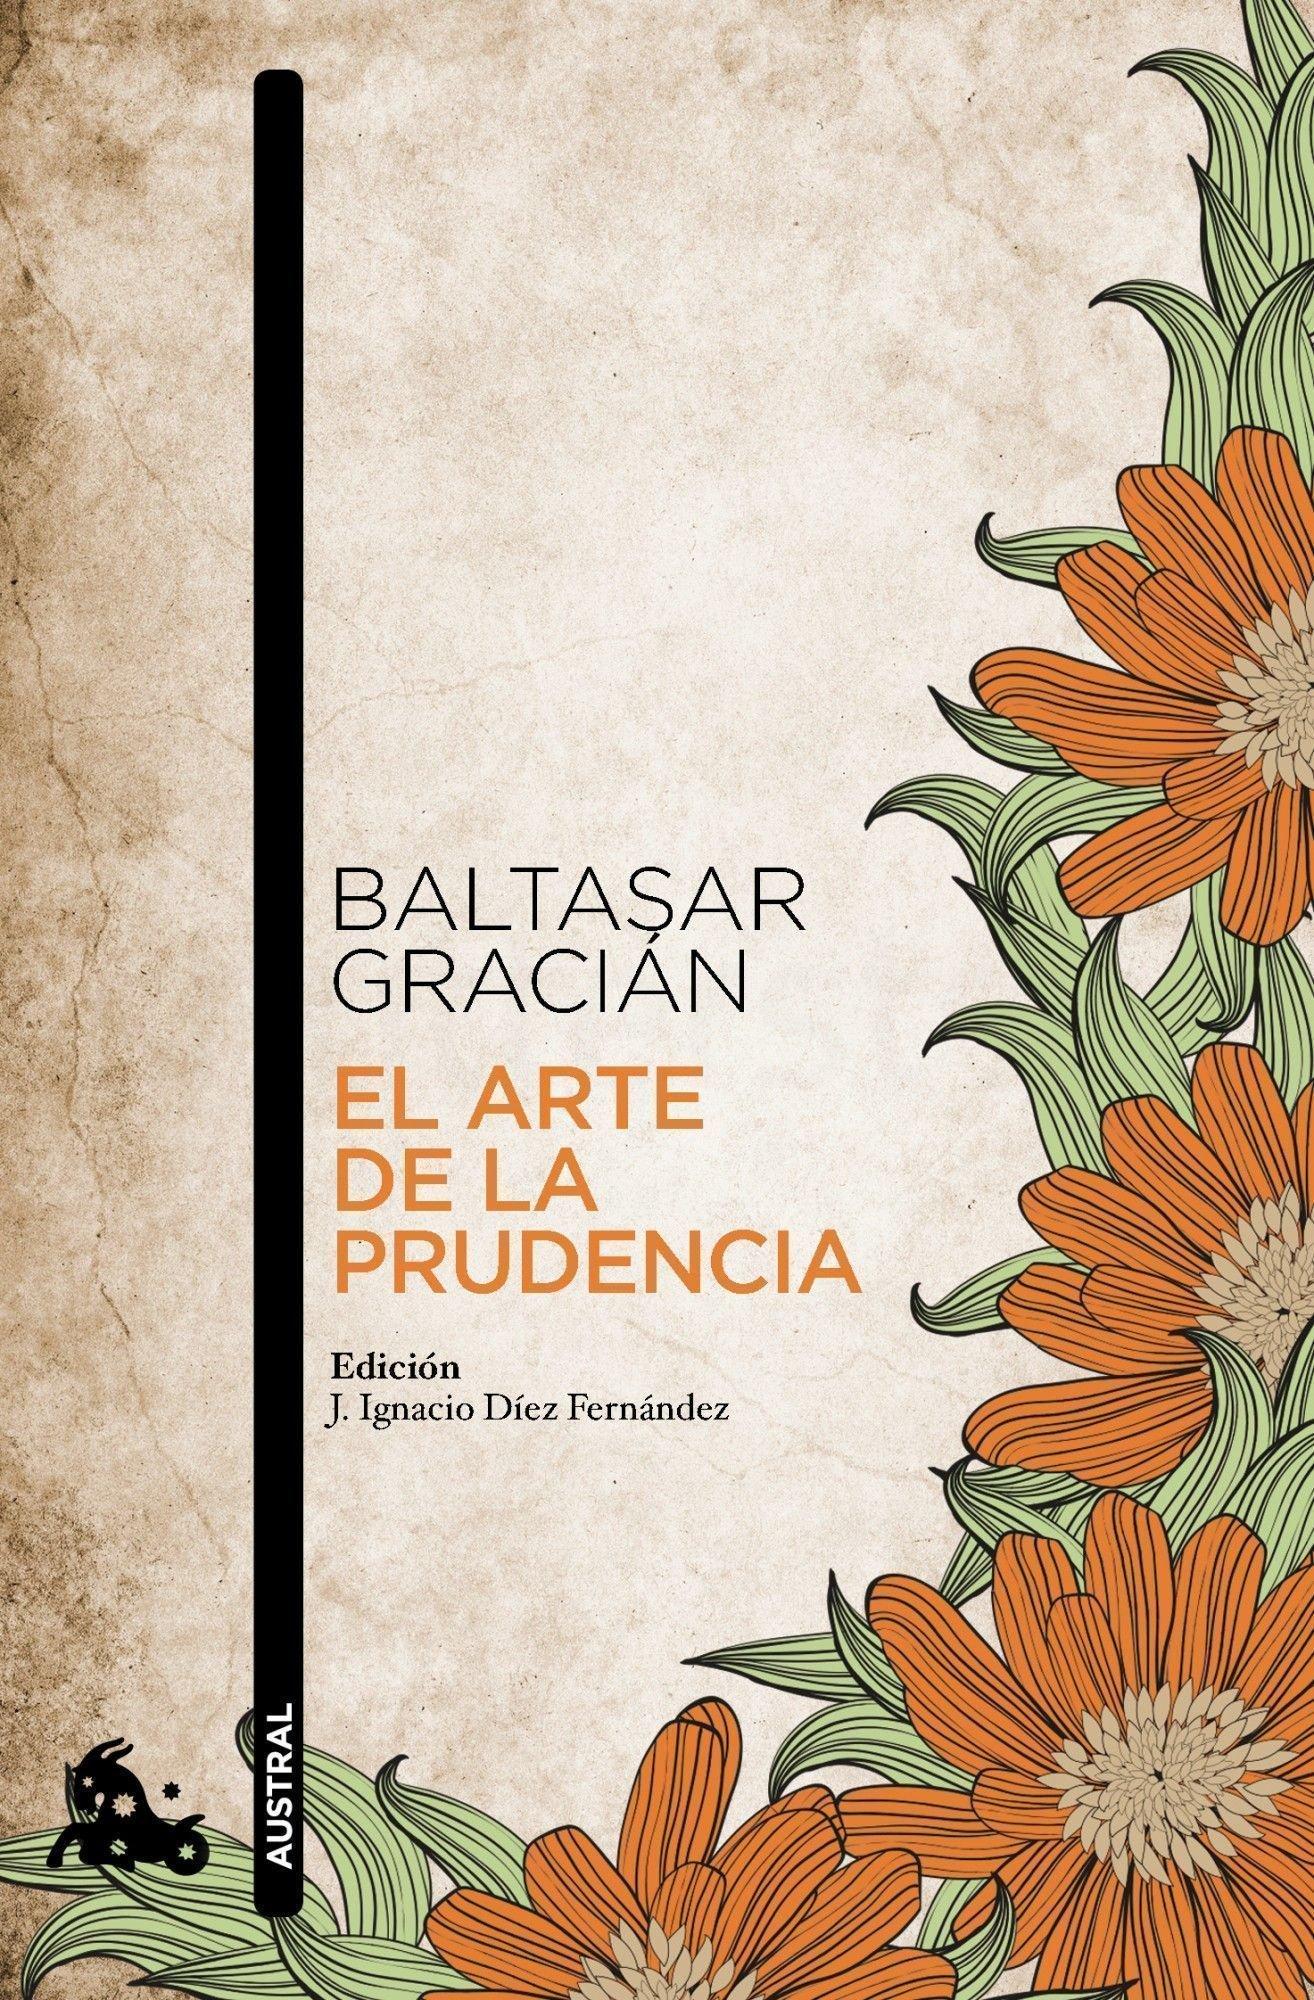 El Arte De La Prudencia Adaptación Y Prólogo De J Ignacio Díez Clásica Spanish Edition Gracián Baltasar 9788499984025 Books